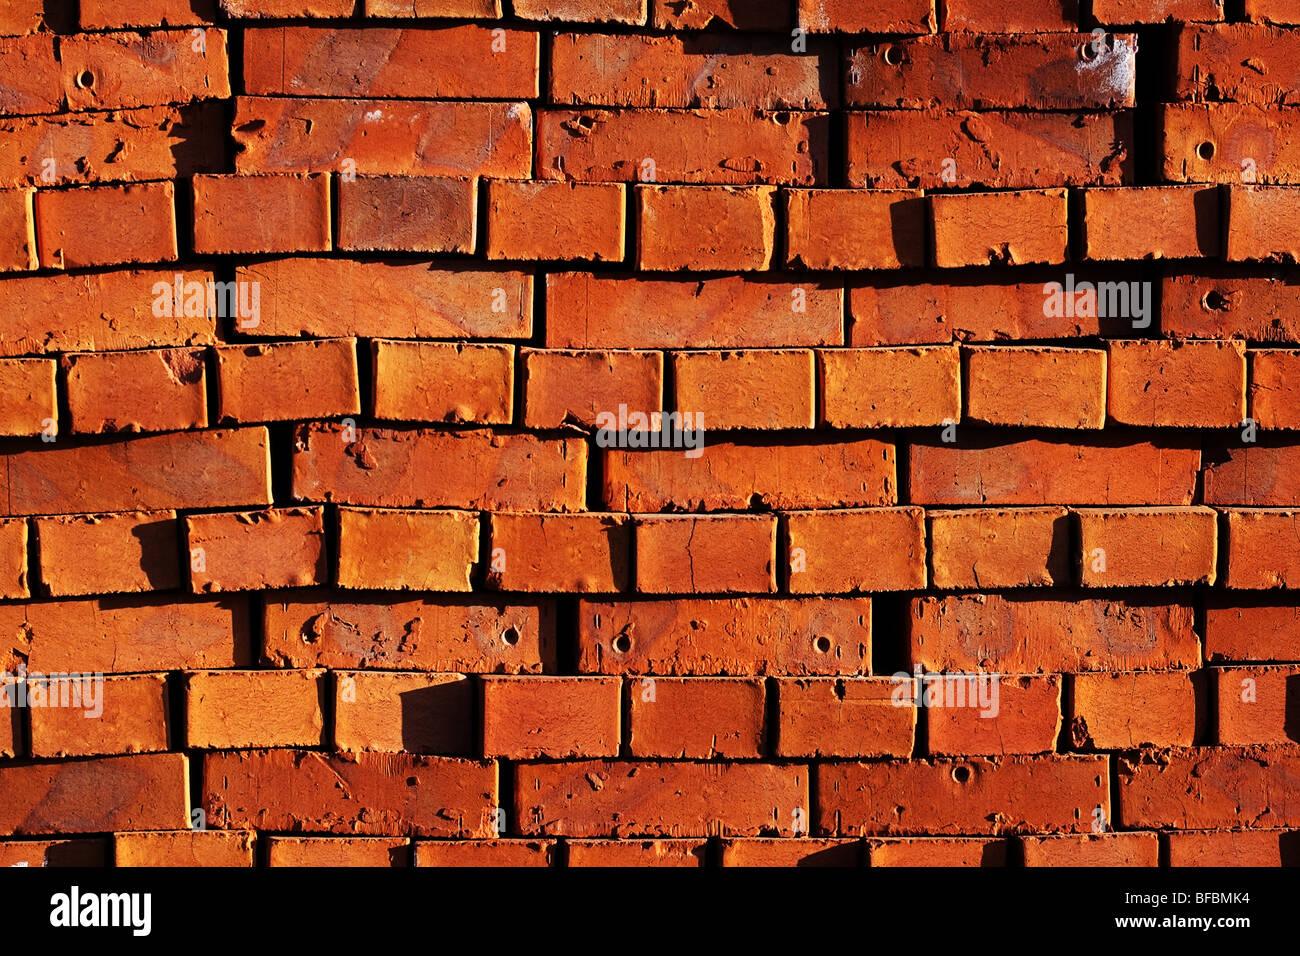 Fondo de ladrillos rojos. Imagen De Stock